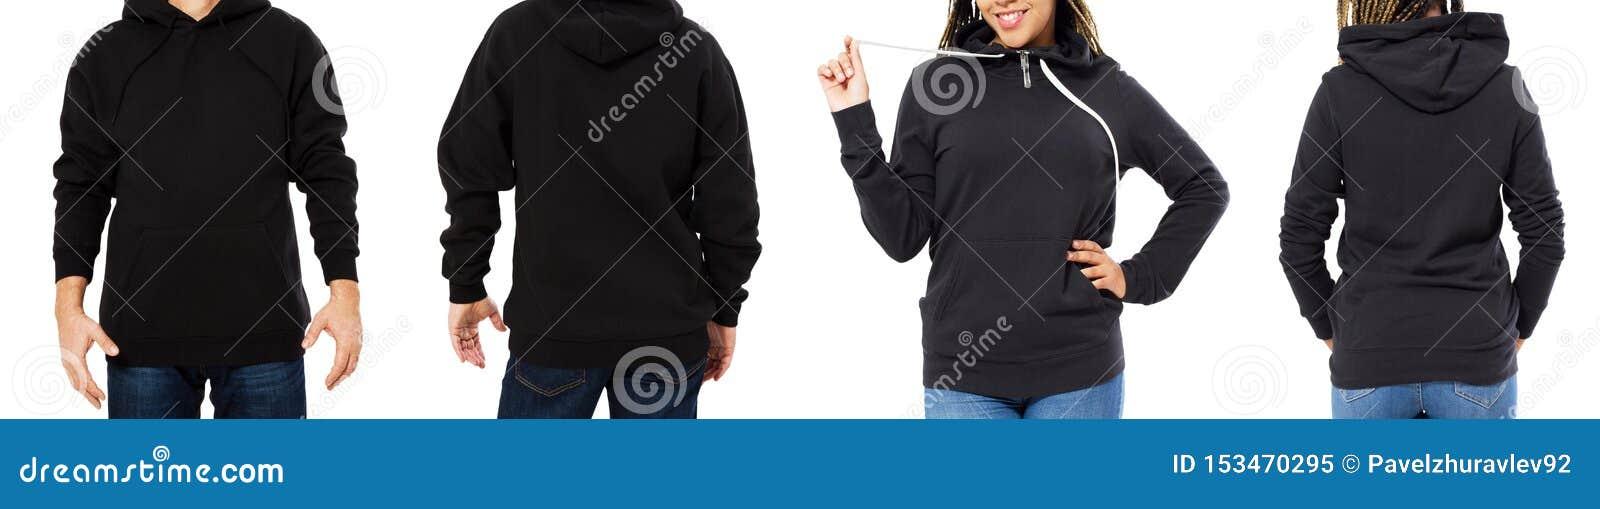 Fr?mre baksida och bakre svart tr?jasikt Härlig svart kvinnlig och manlig kropp i mallkläder för tryck- och kopieringsutrymme